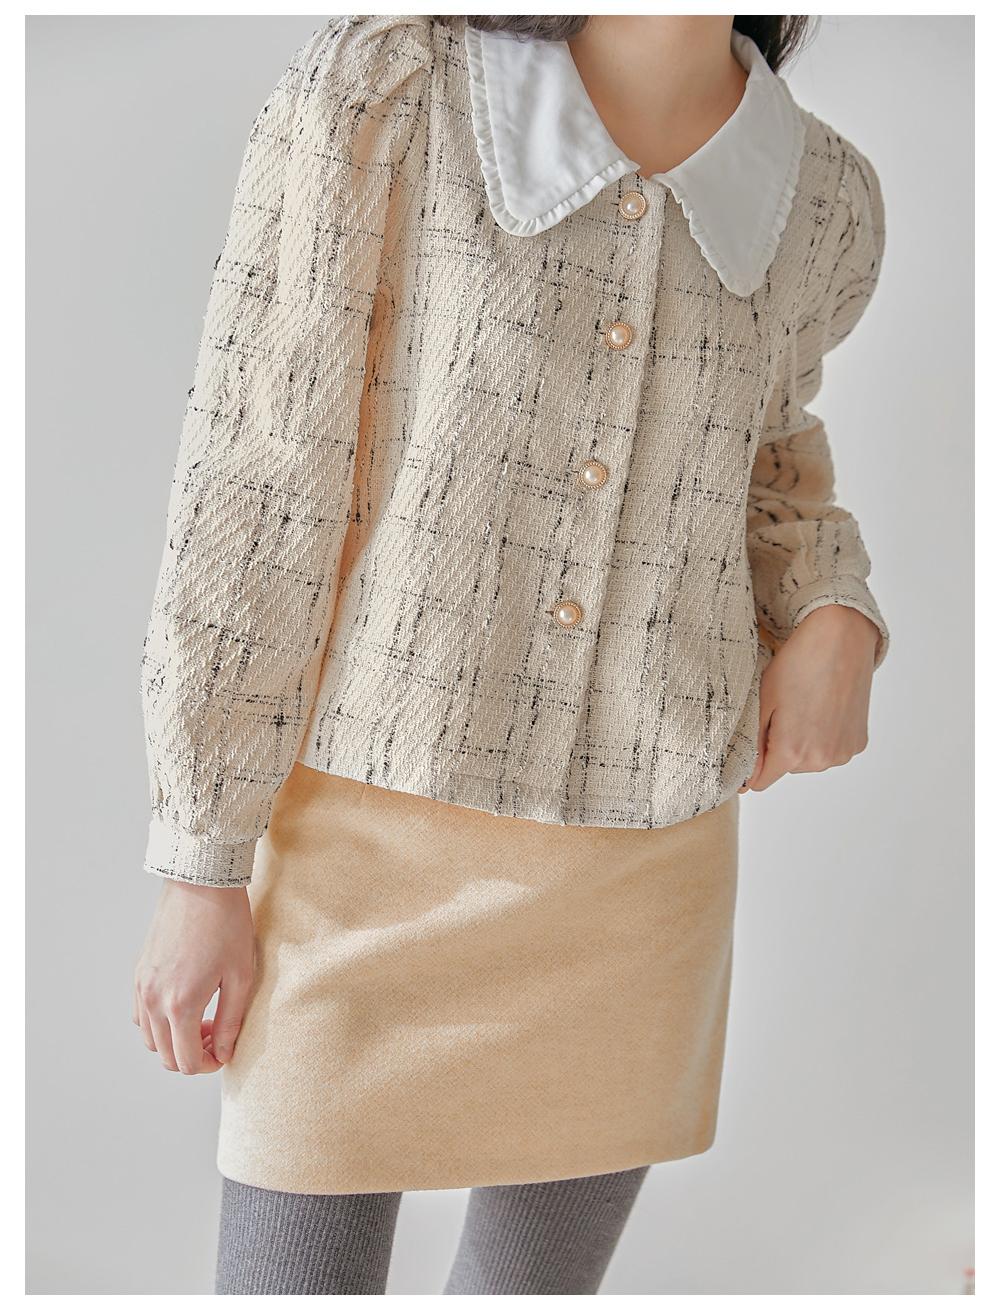 jacket model image-S1L18